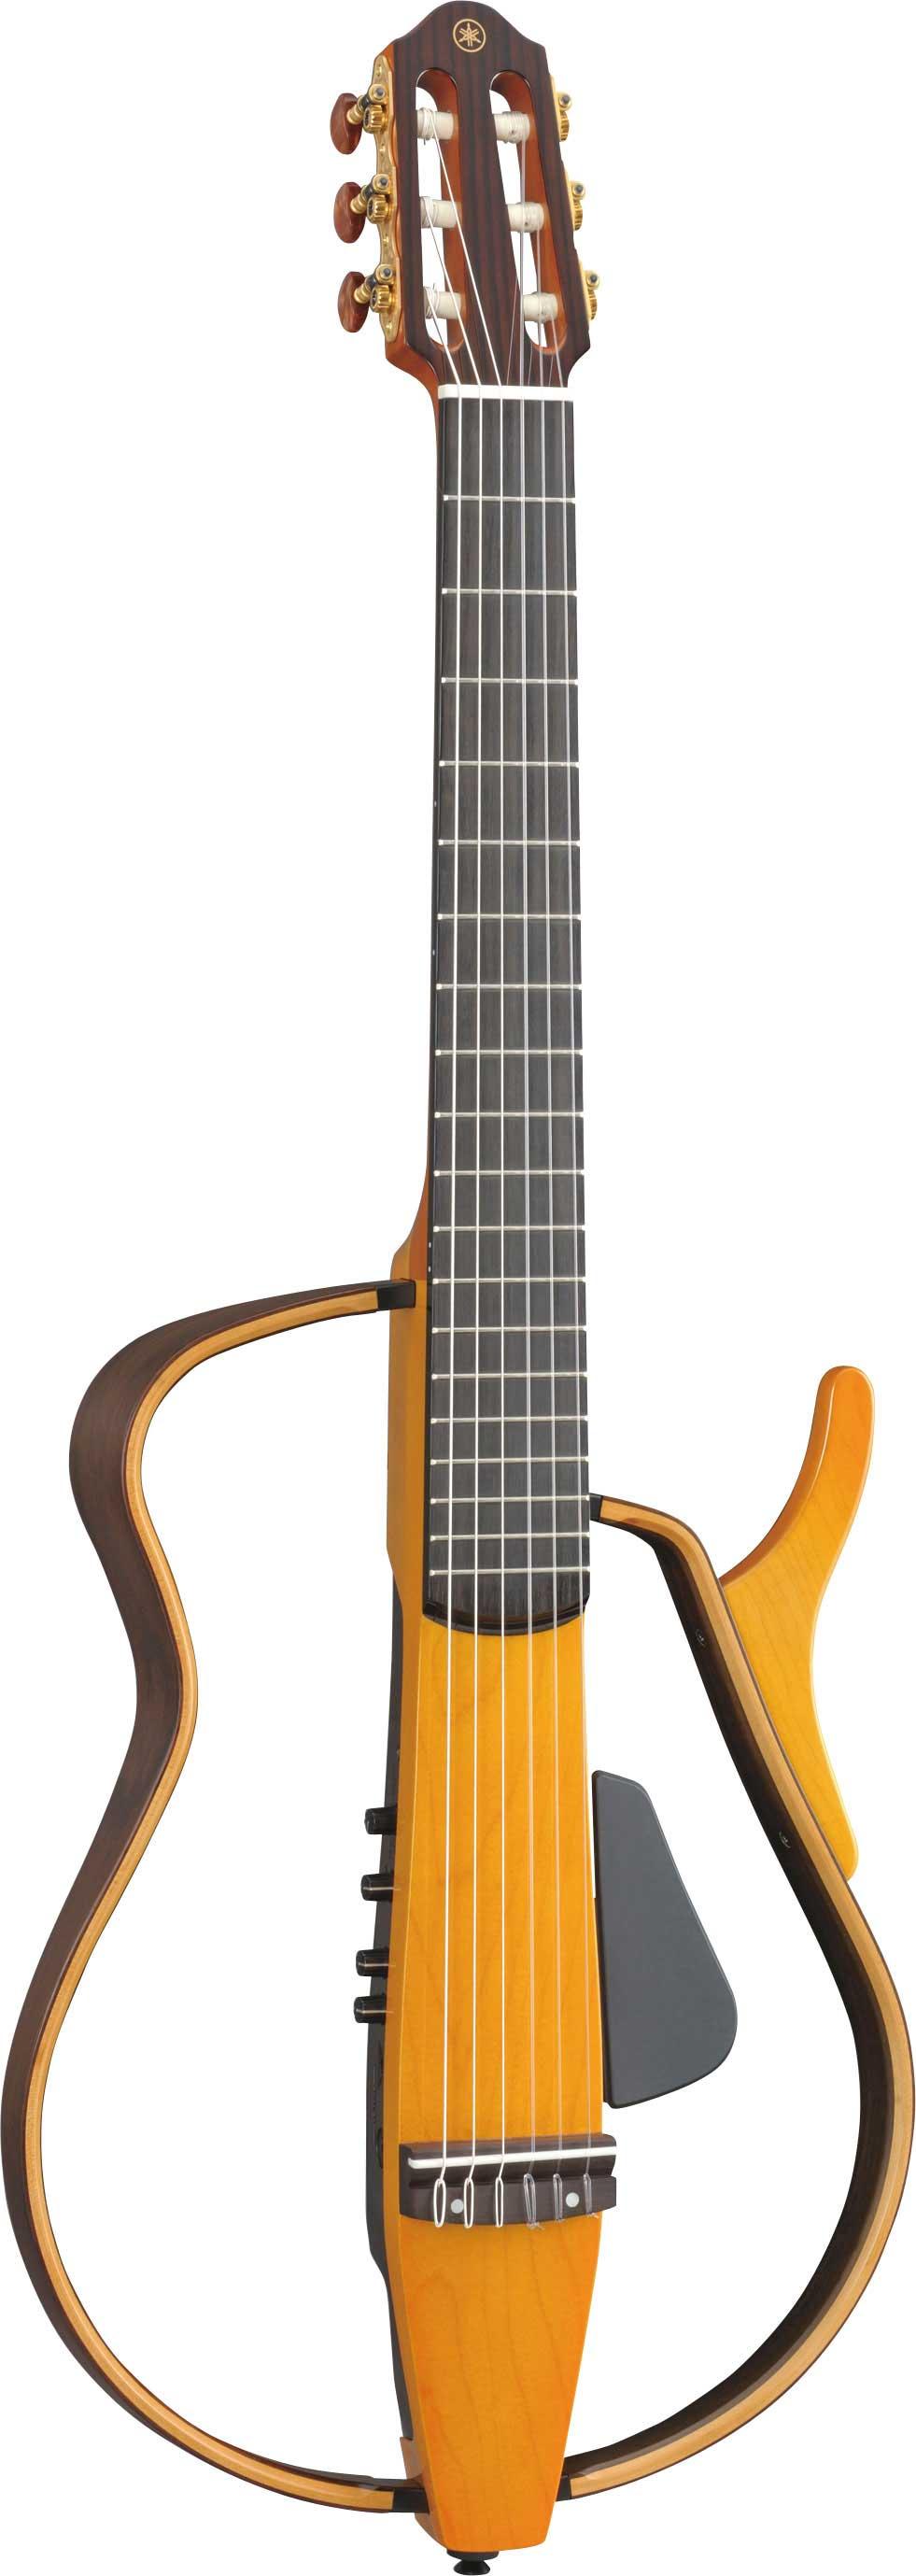 Silent Series Guitar, Nylon Strings